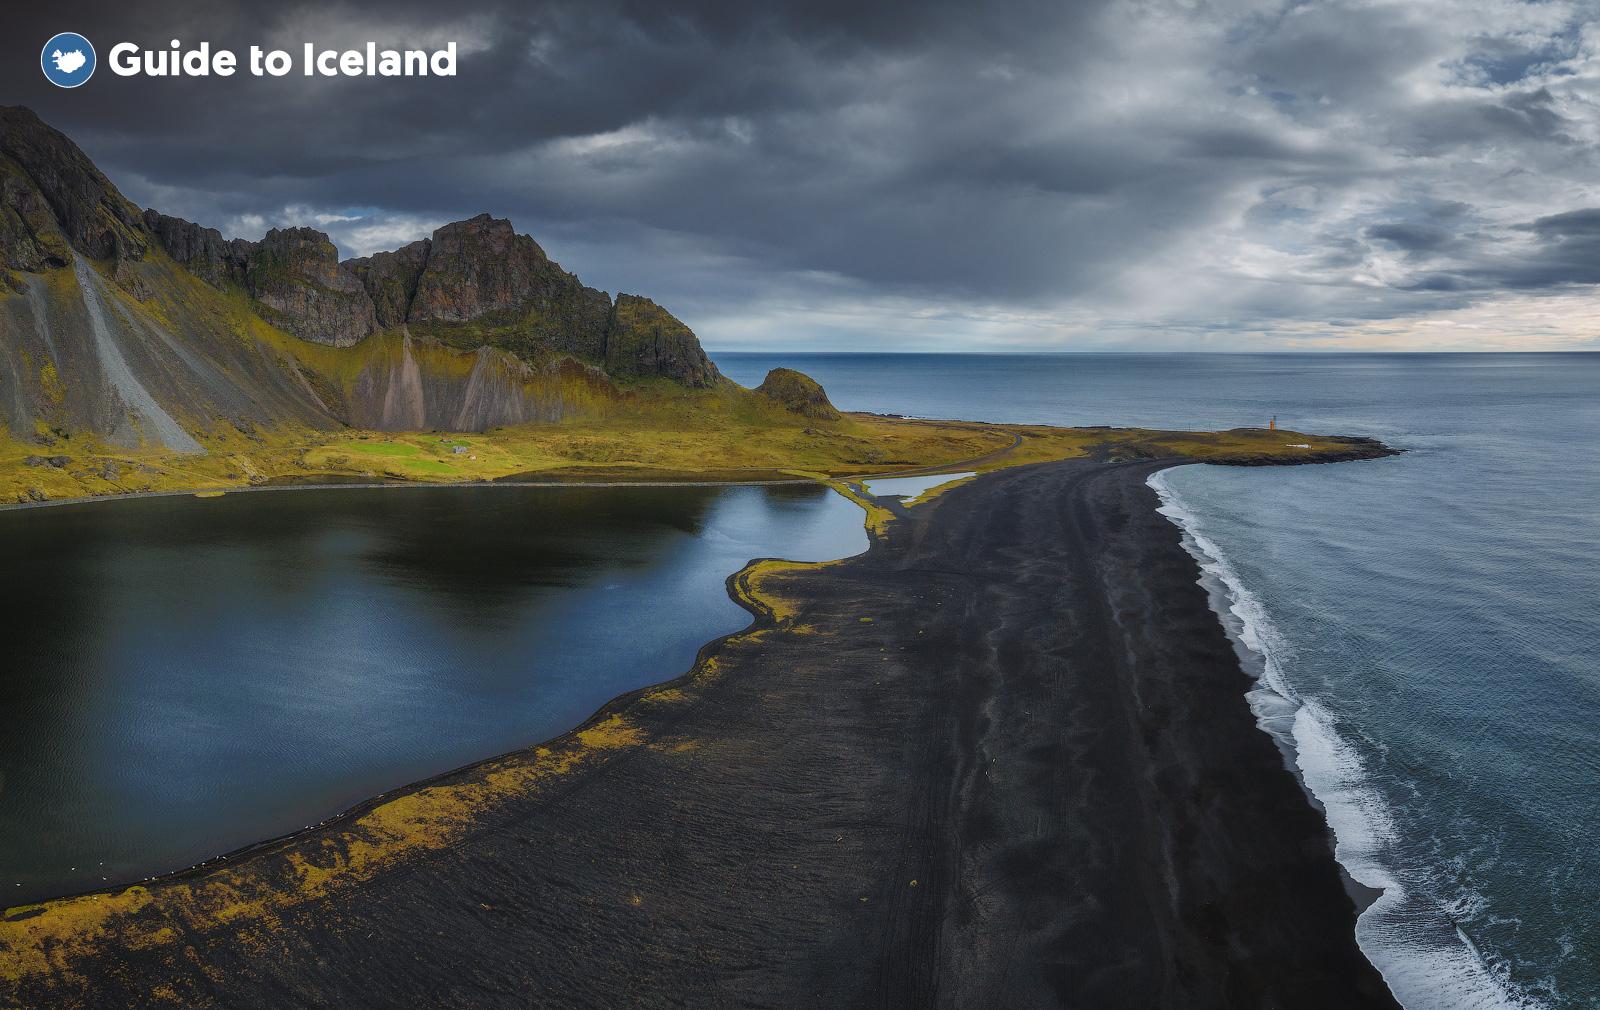 冰岛东部的西角山Vestrahorn在海浪作为前景下显得极具戏剧张力